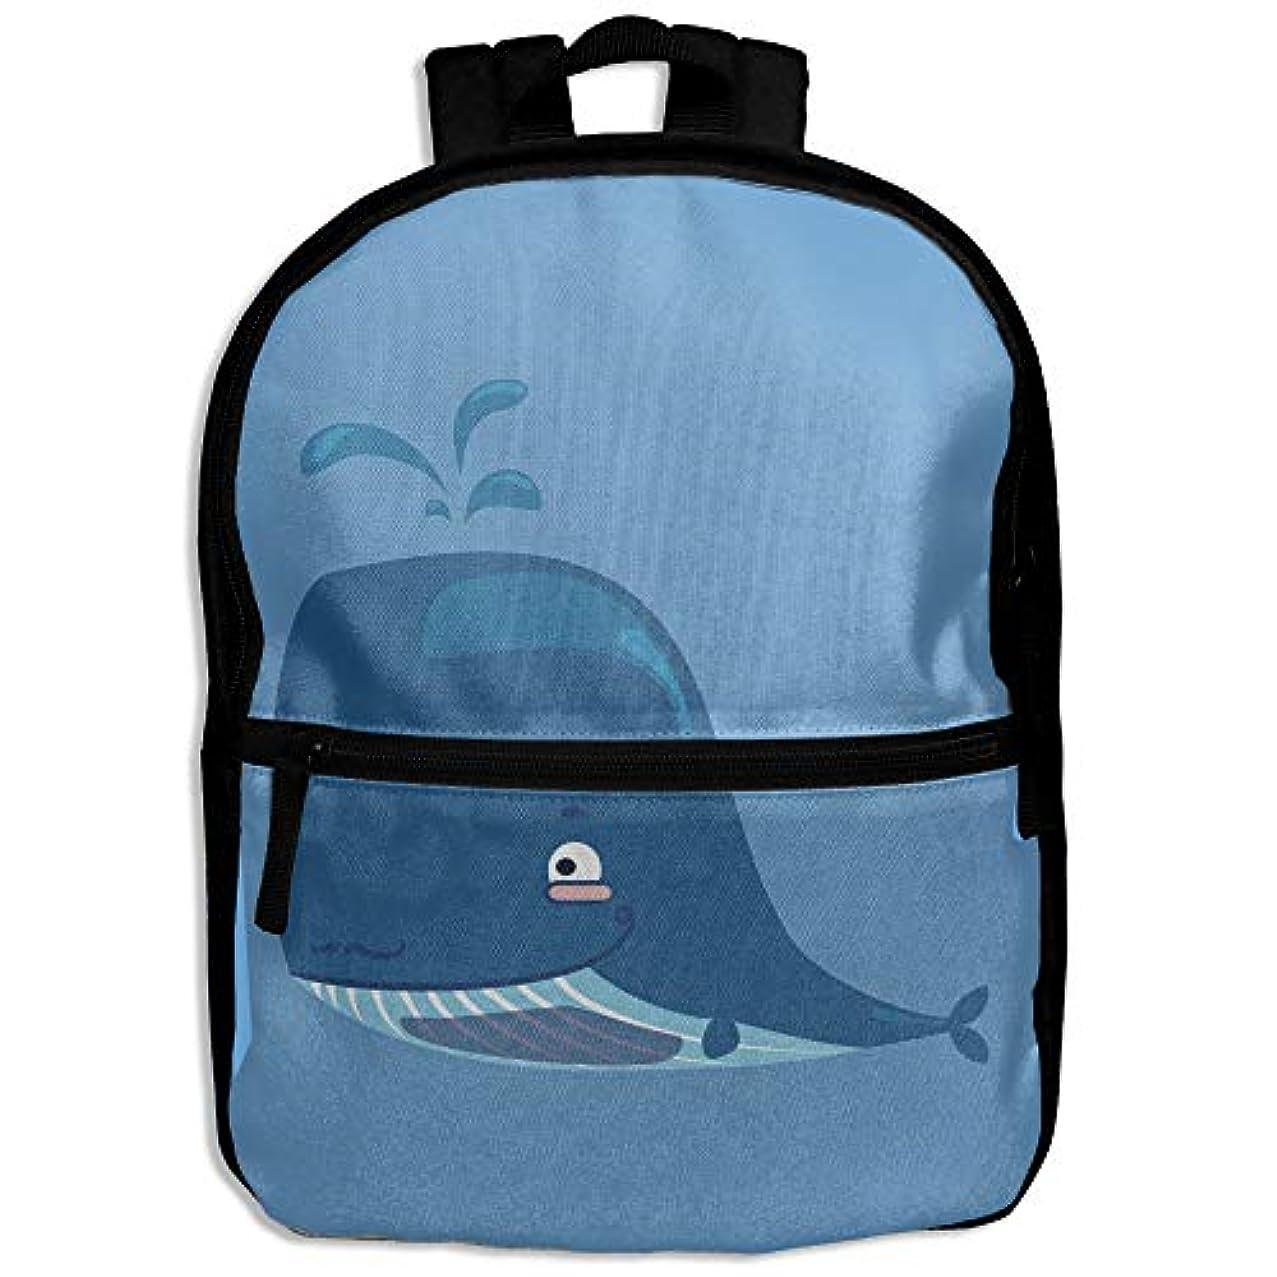 頼る立ち向かう俳句キッズバッグ キッズ リュックサック バックパック 子供用のバッグ 学生 リュックサック クジラ 海洋 アウトドア 通学 ハイキング 遠足